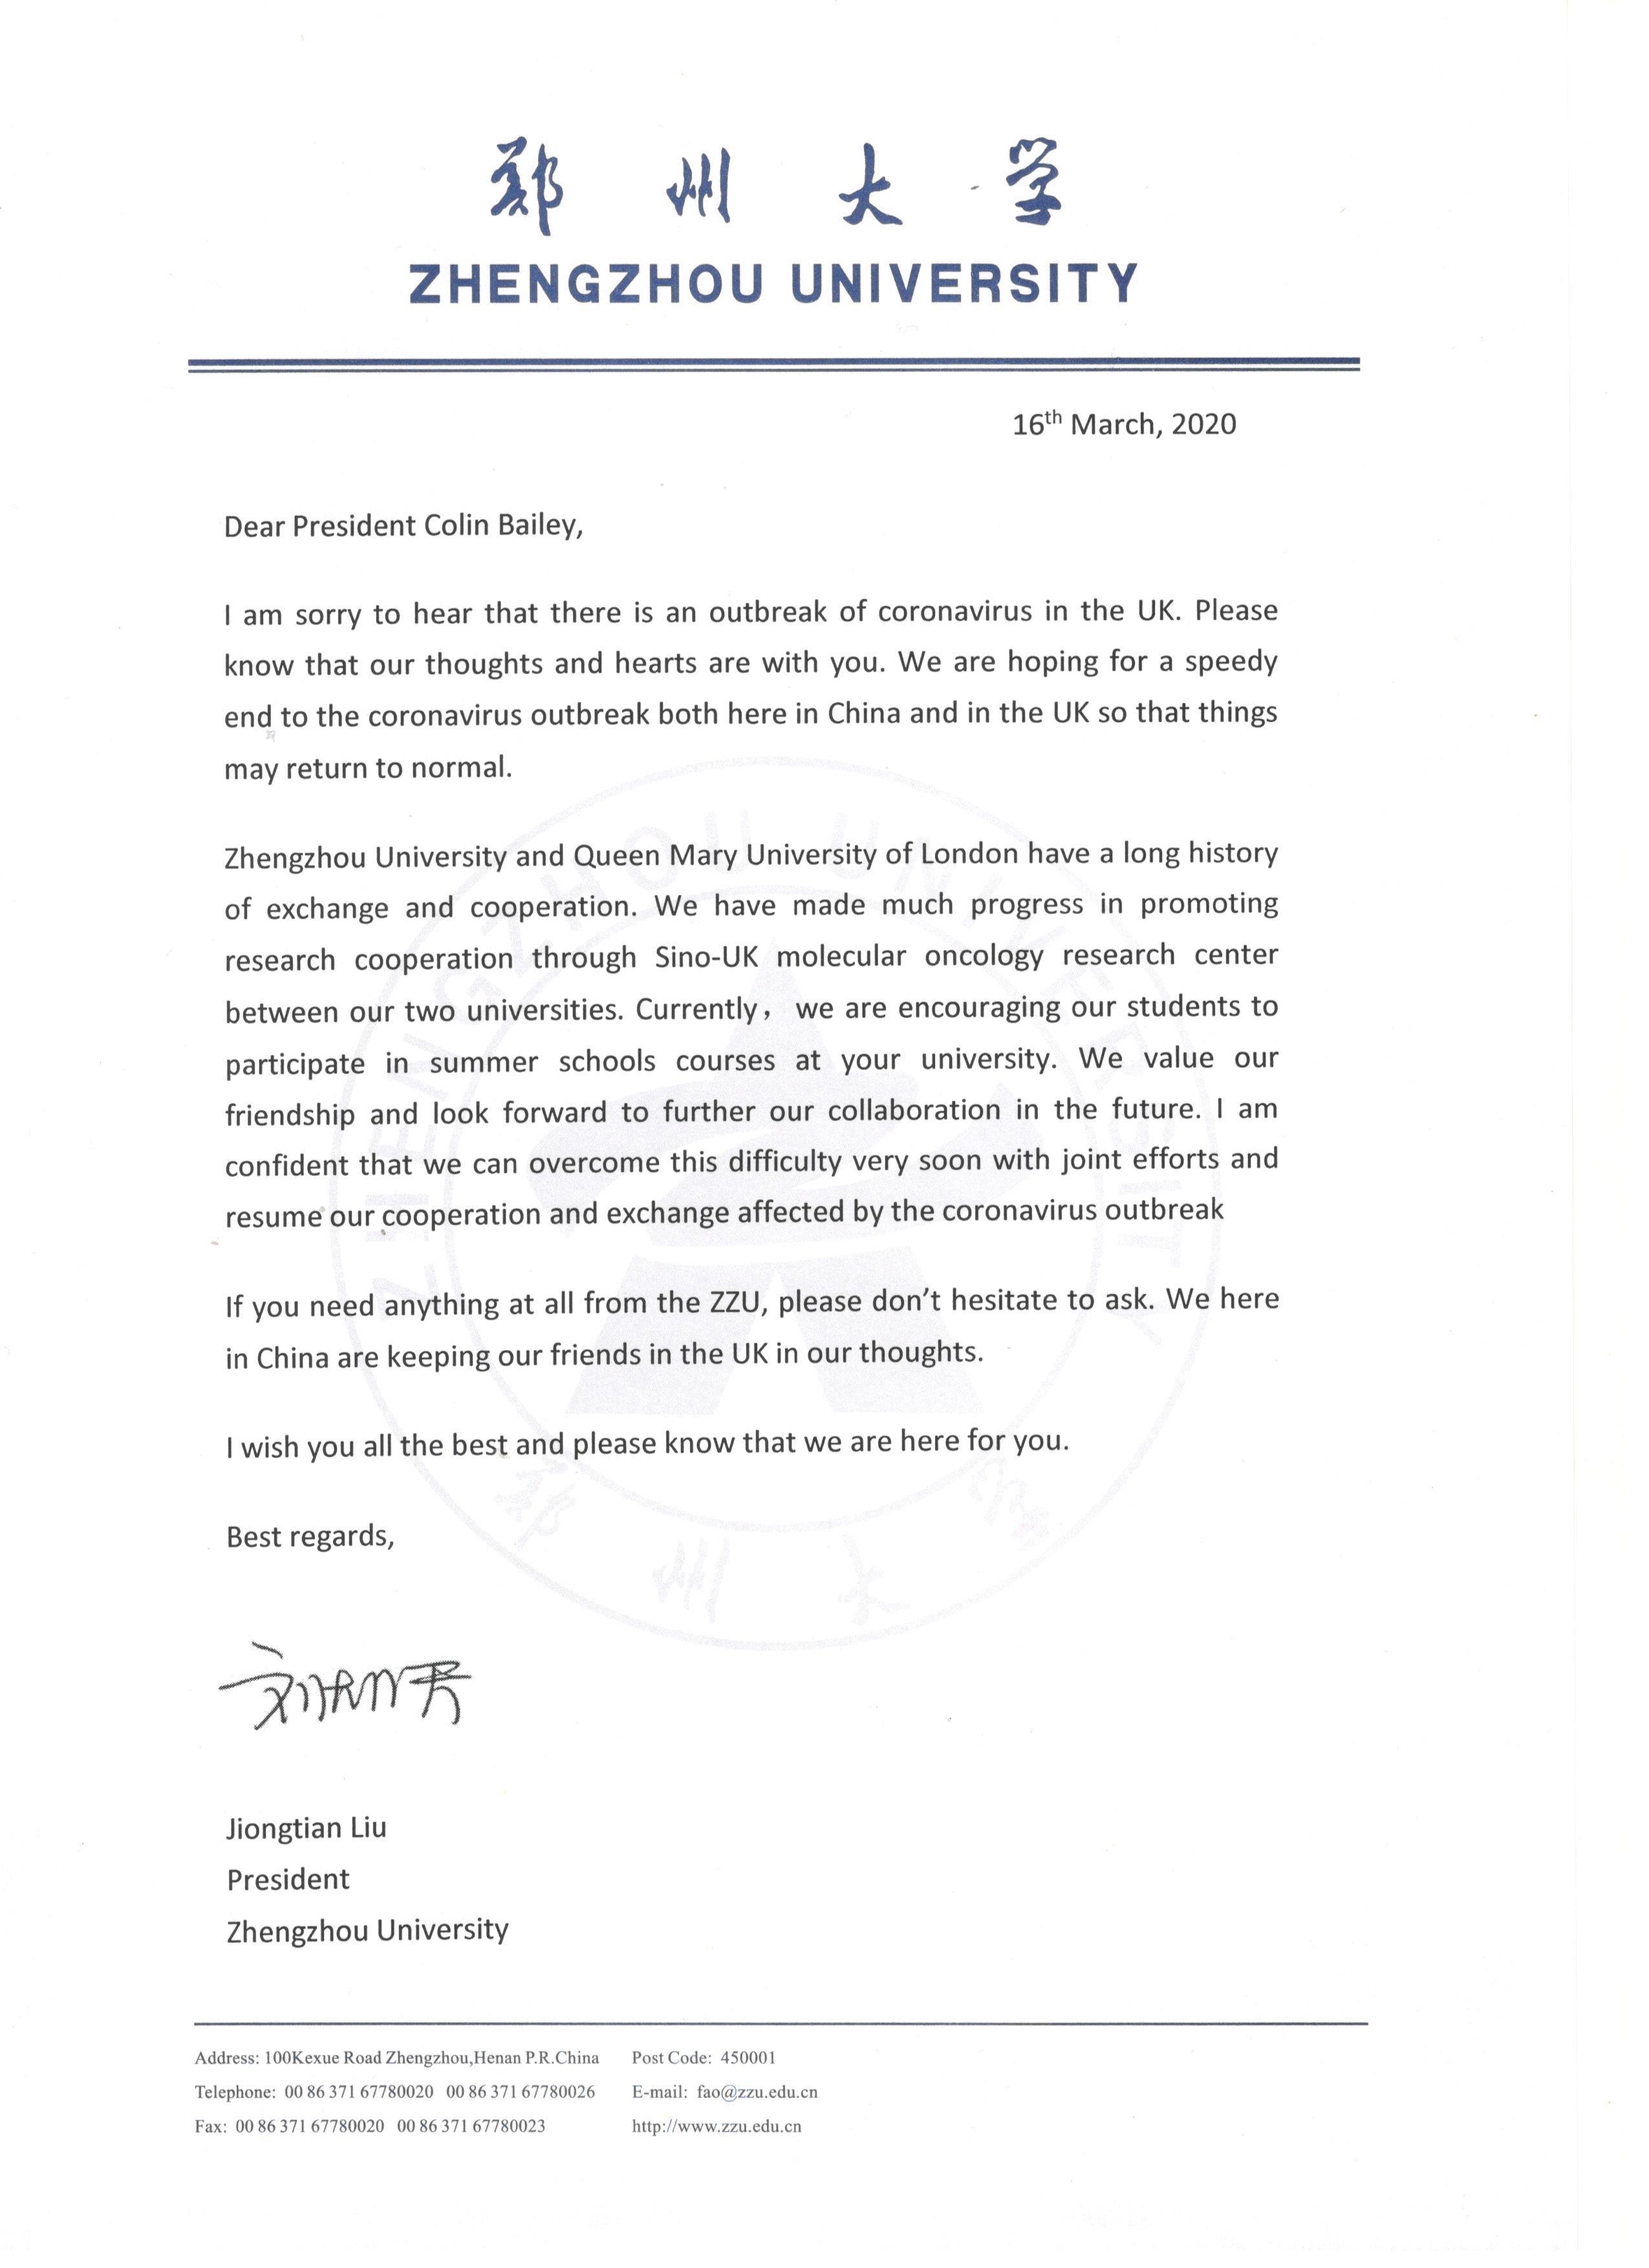 郑州大学向海外合作院校及机构致疫情慰问信(图)